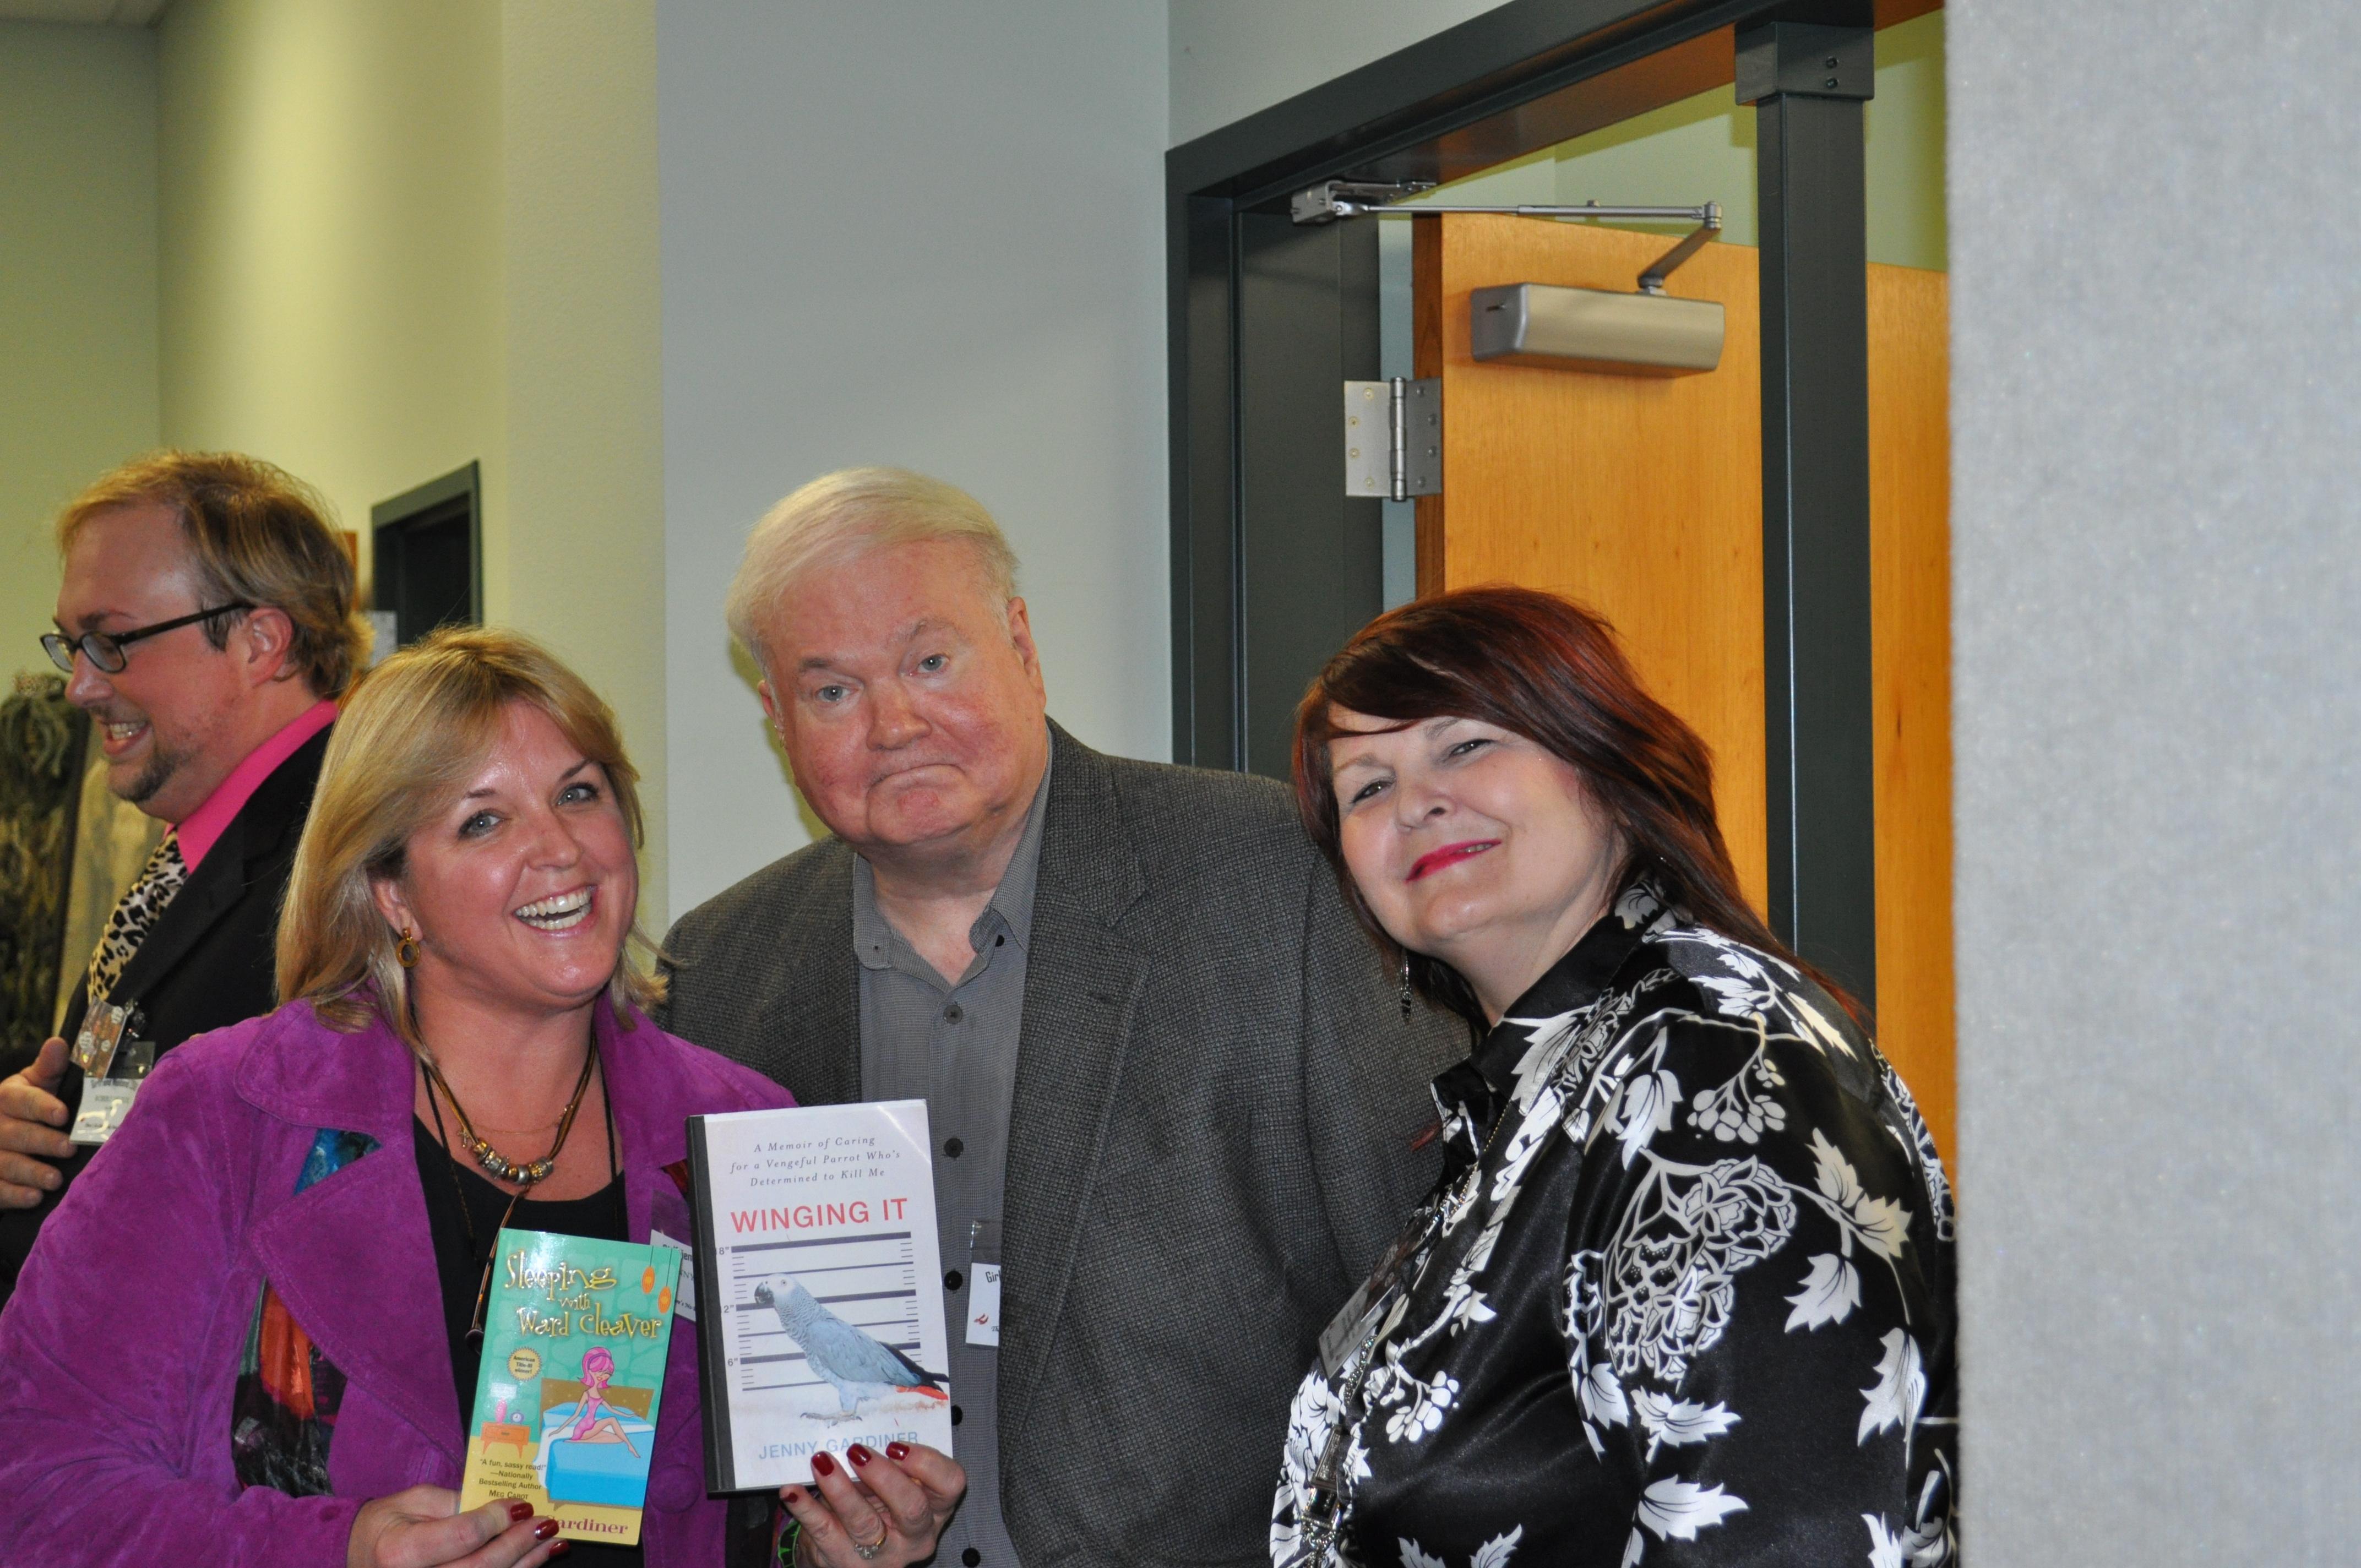 me, Pat Conroy and Kathy Patrick